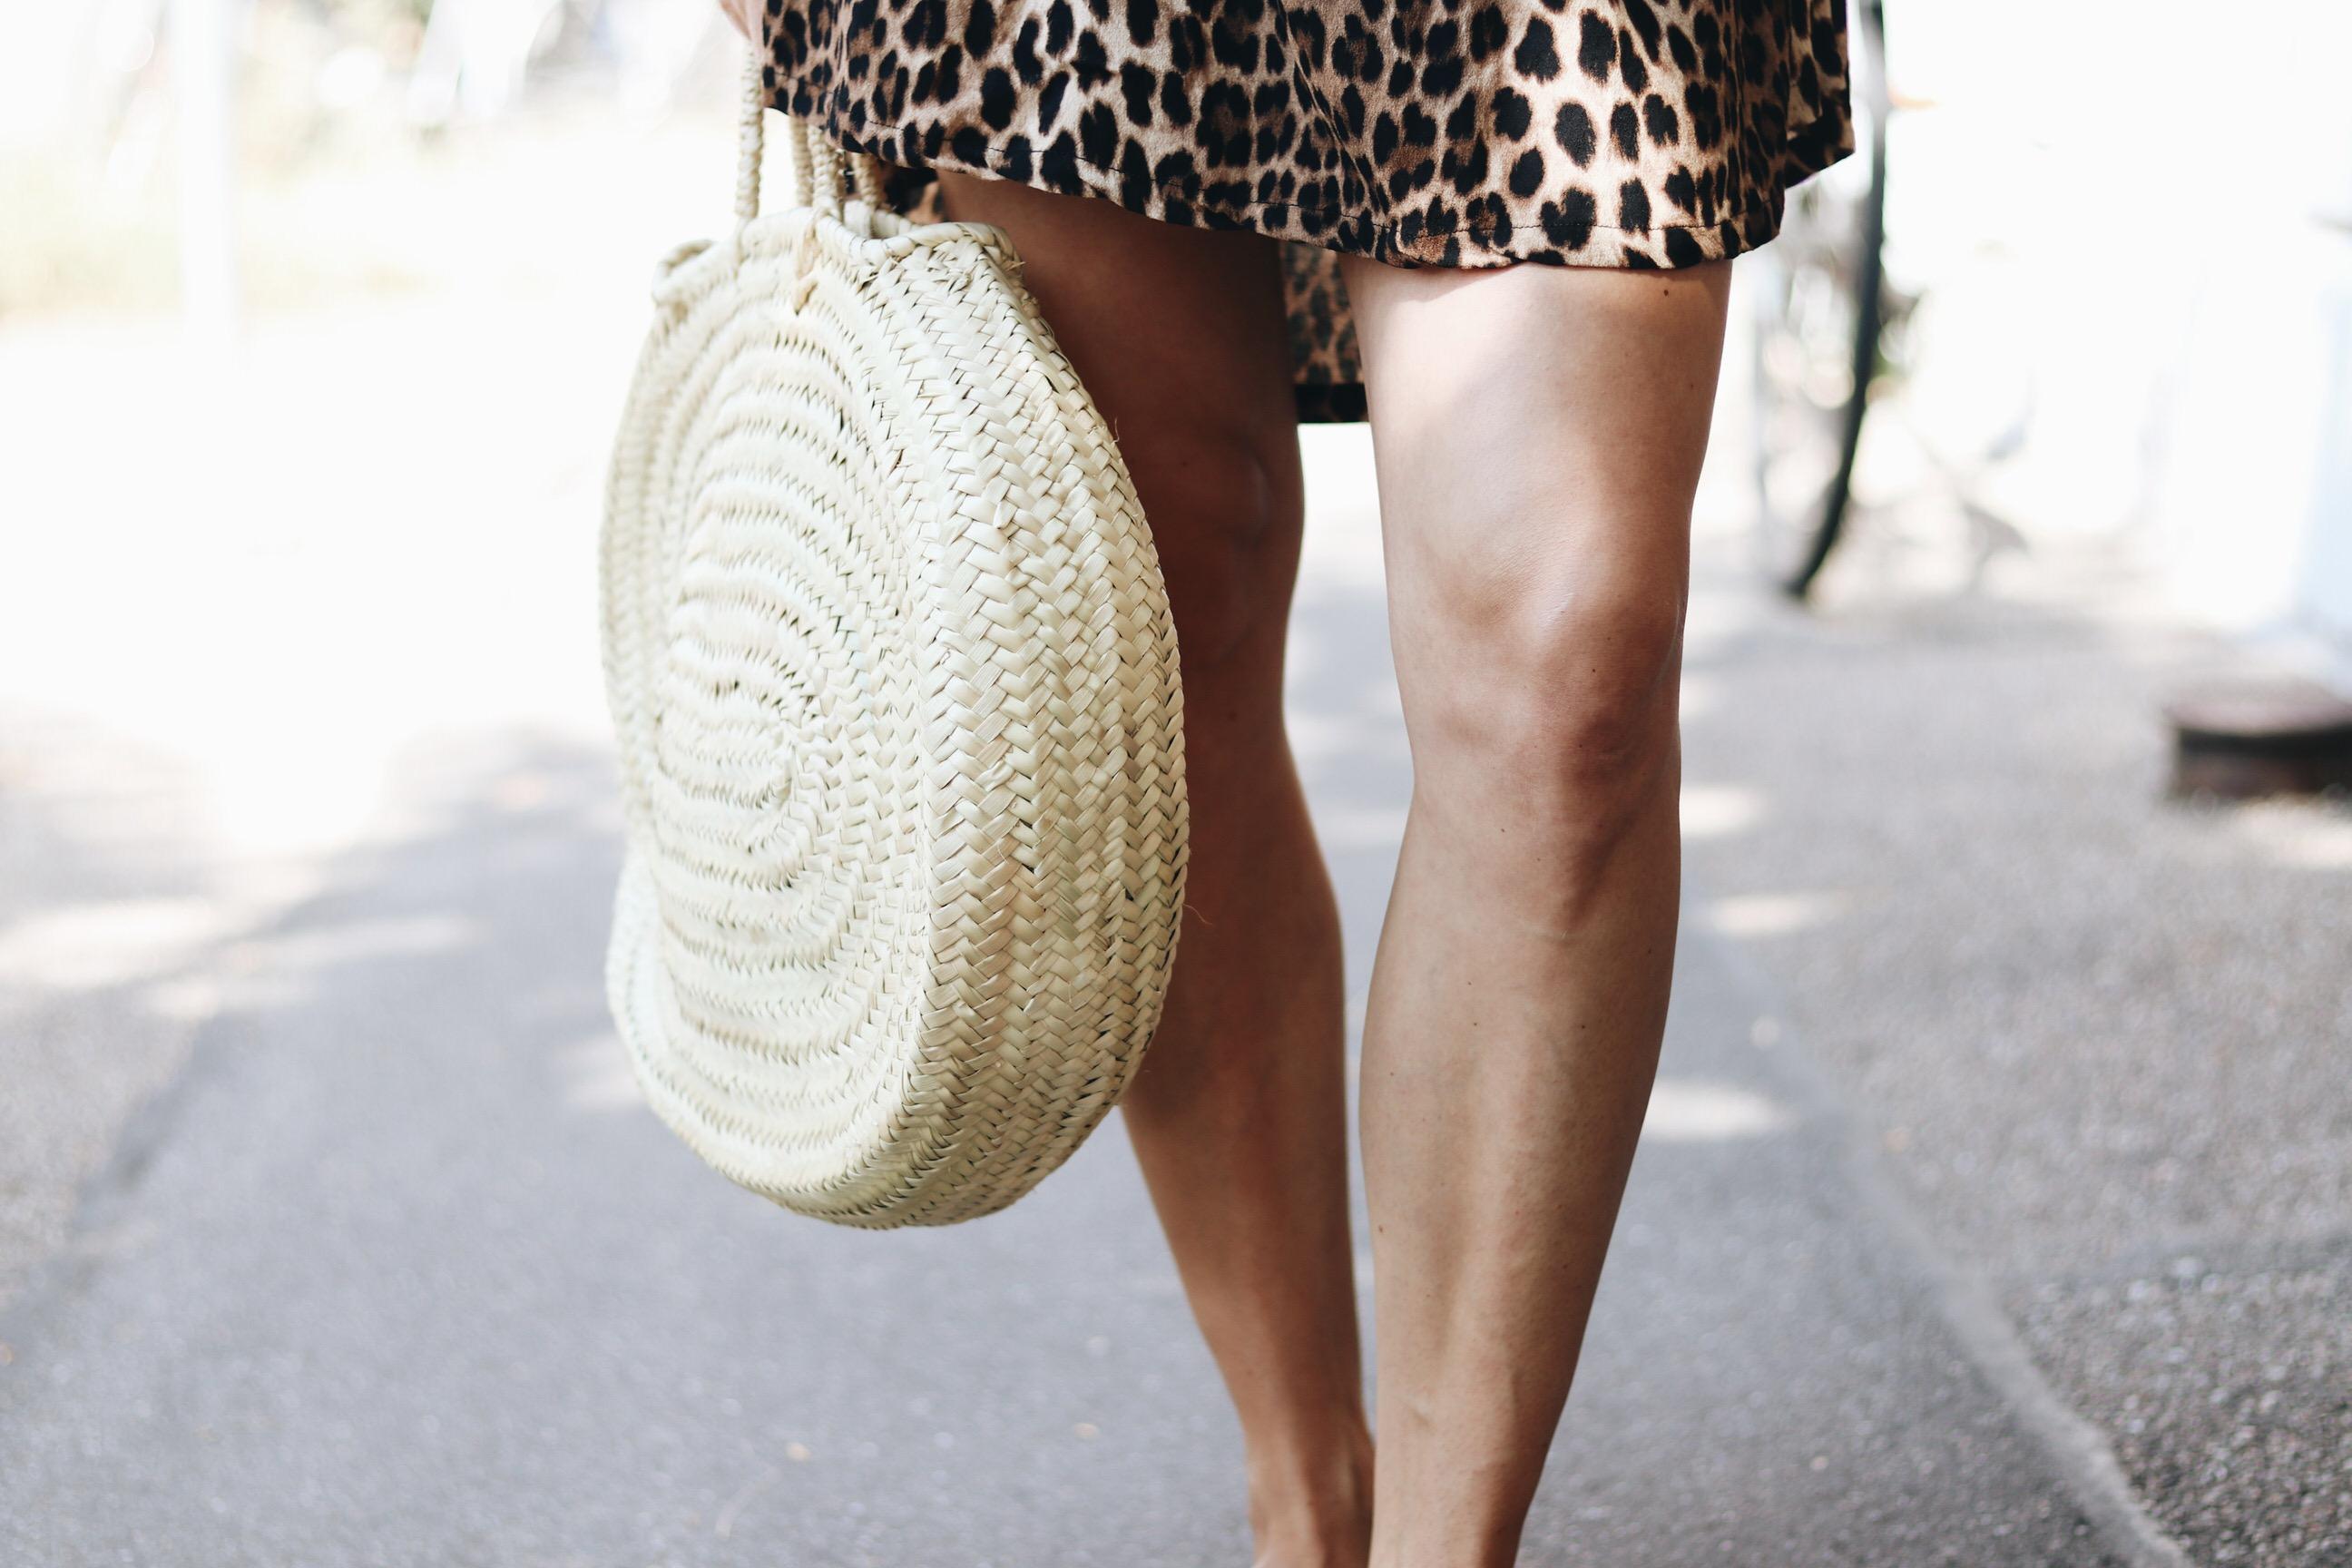 Korbtasche rund basketbag Sommer Outfit Blog Mode